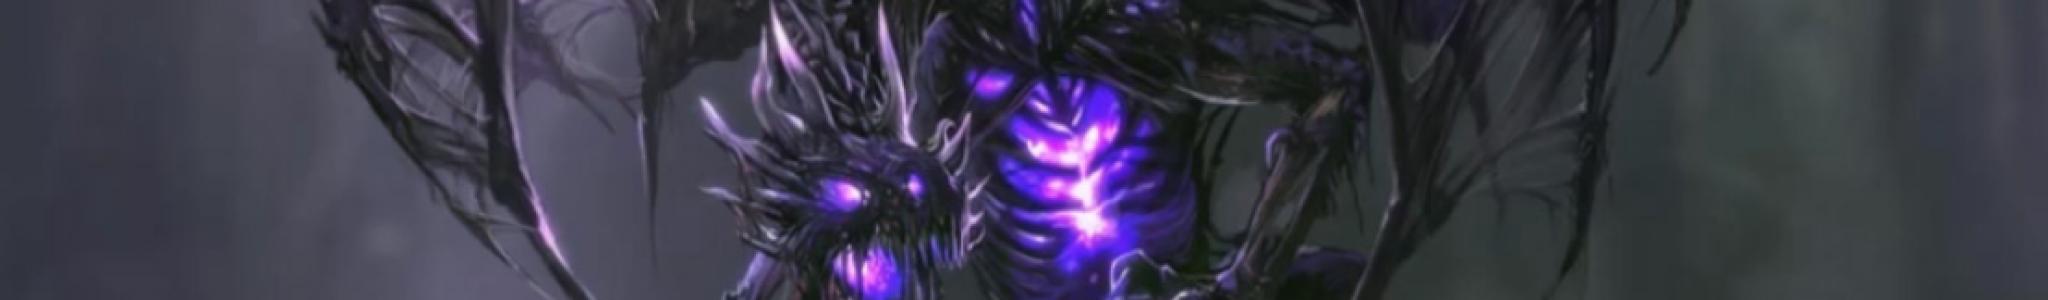 dragon shield arrival 221